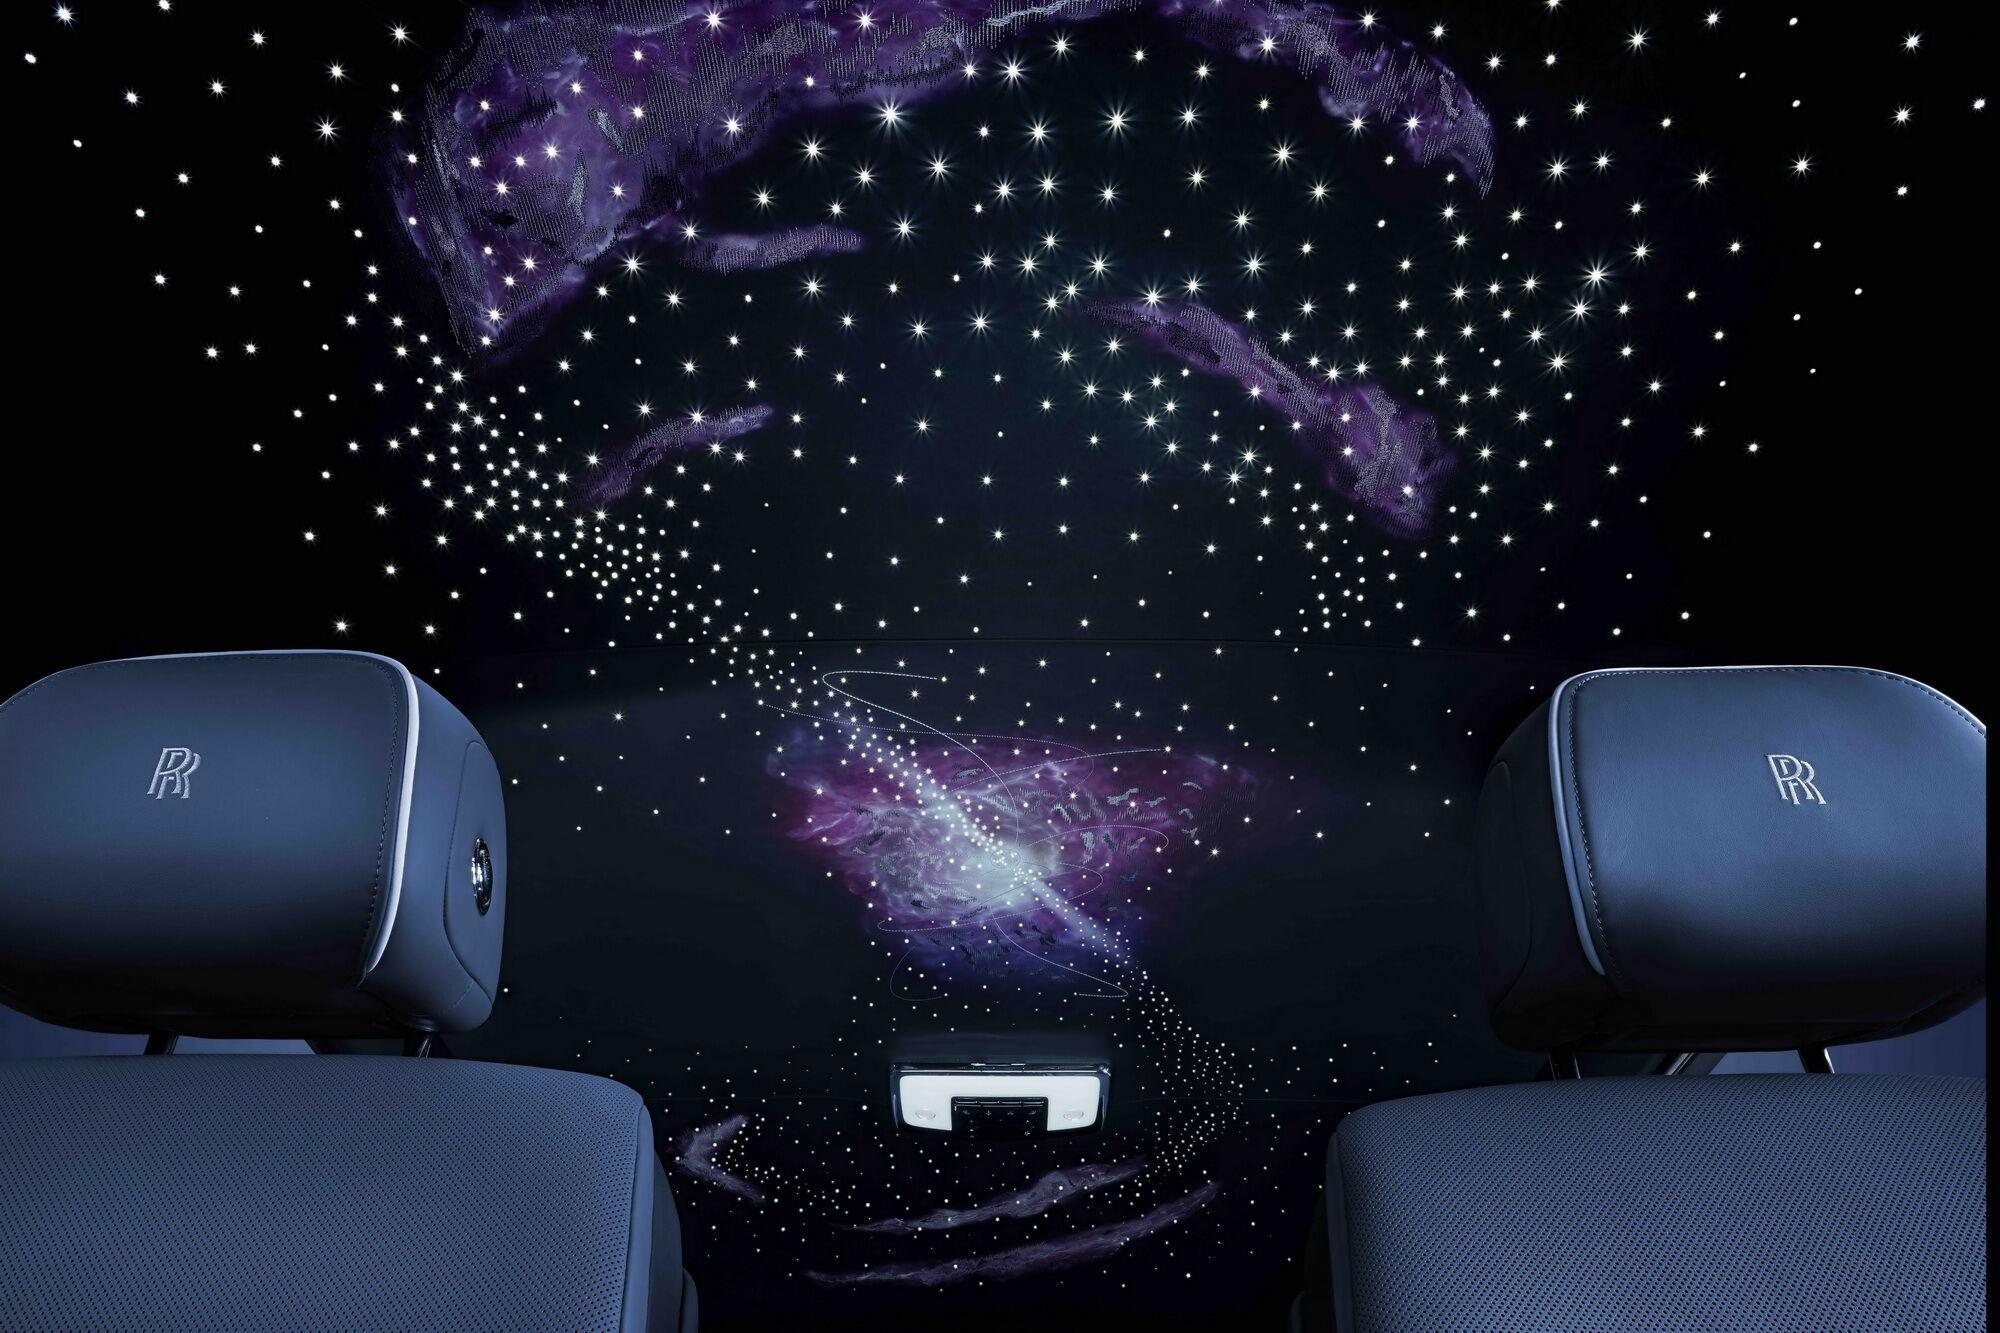 Саме пульсари вишито на стелі автомобілів Phantom Tempus, доповнюючи зоряне небо з оптоволоконних ниток